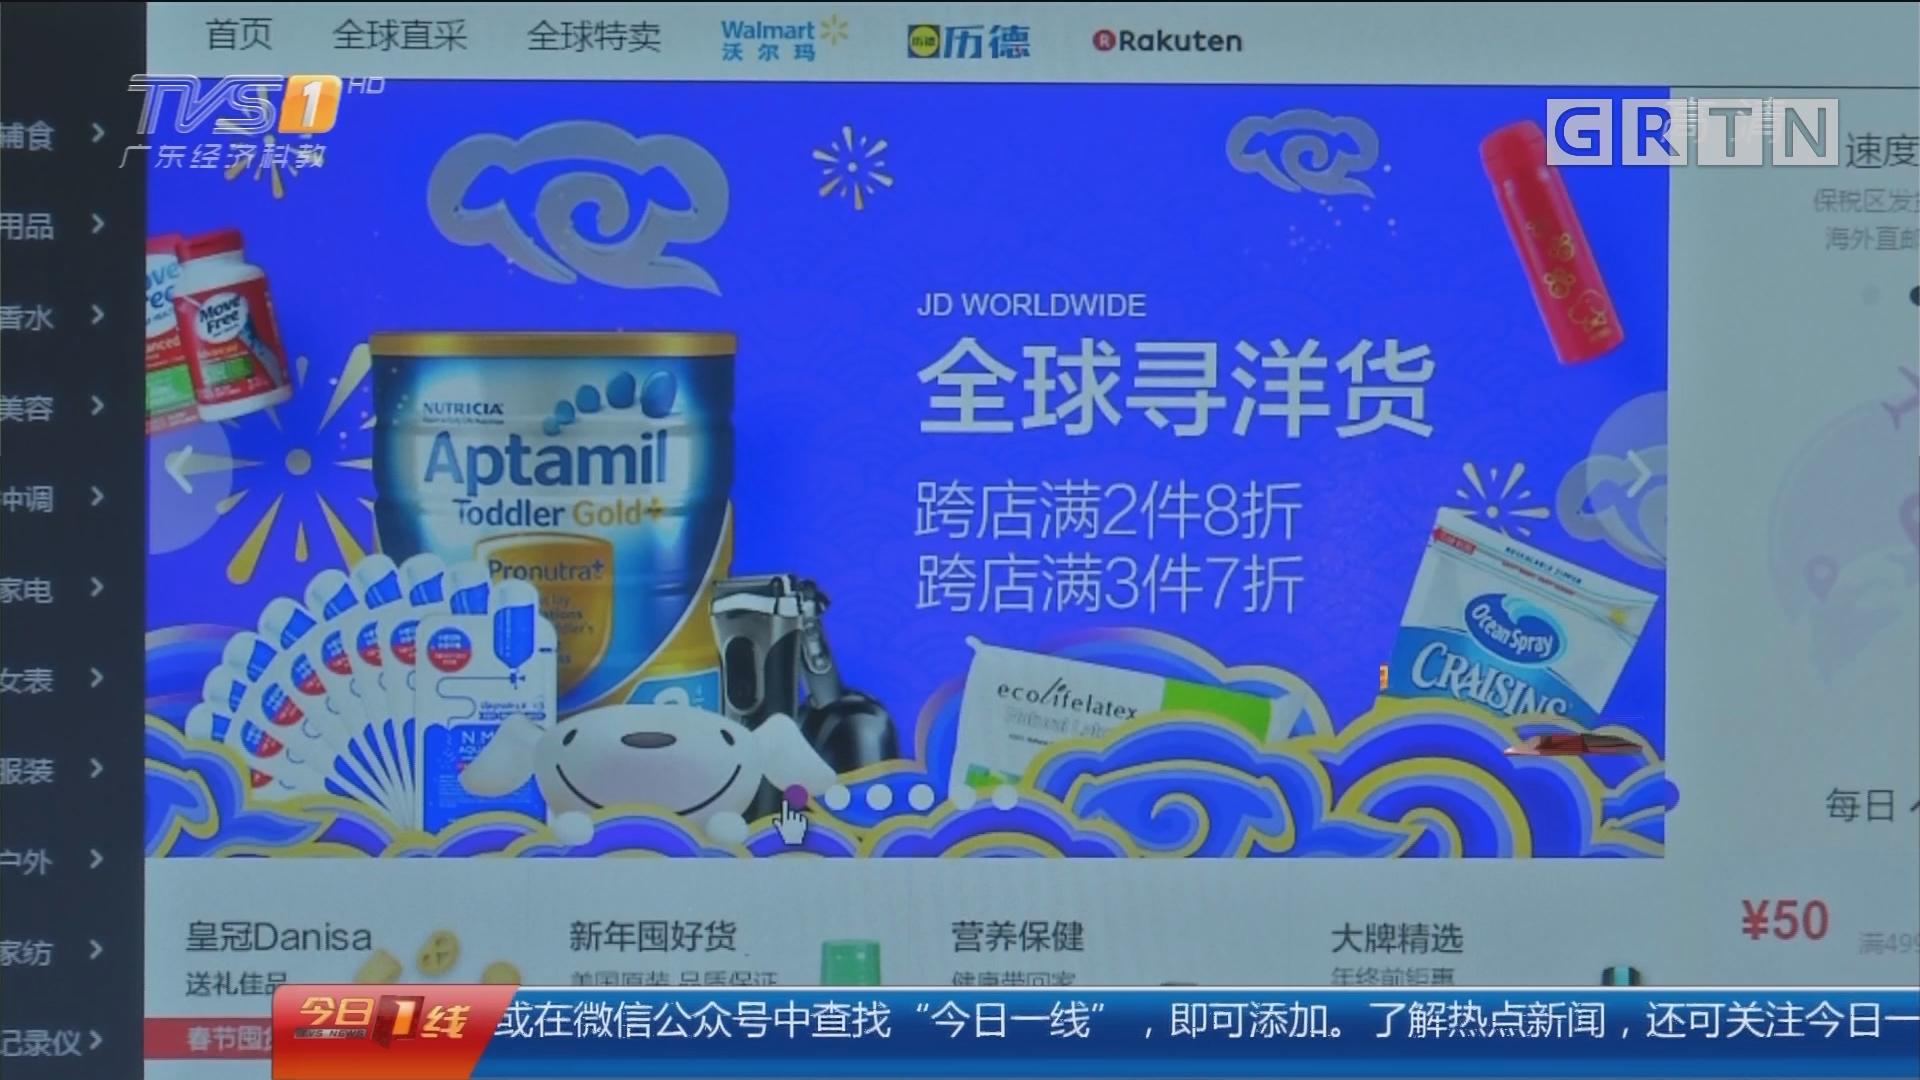 """春节购物消费提醒 中消协:""""海淘""""商品涉嫌仿冒较多"""